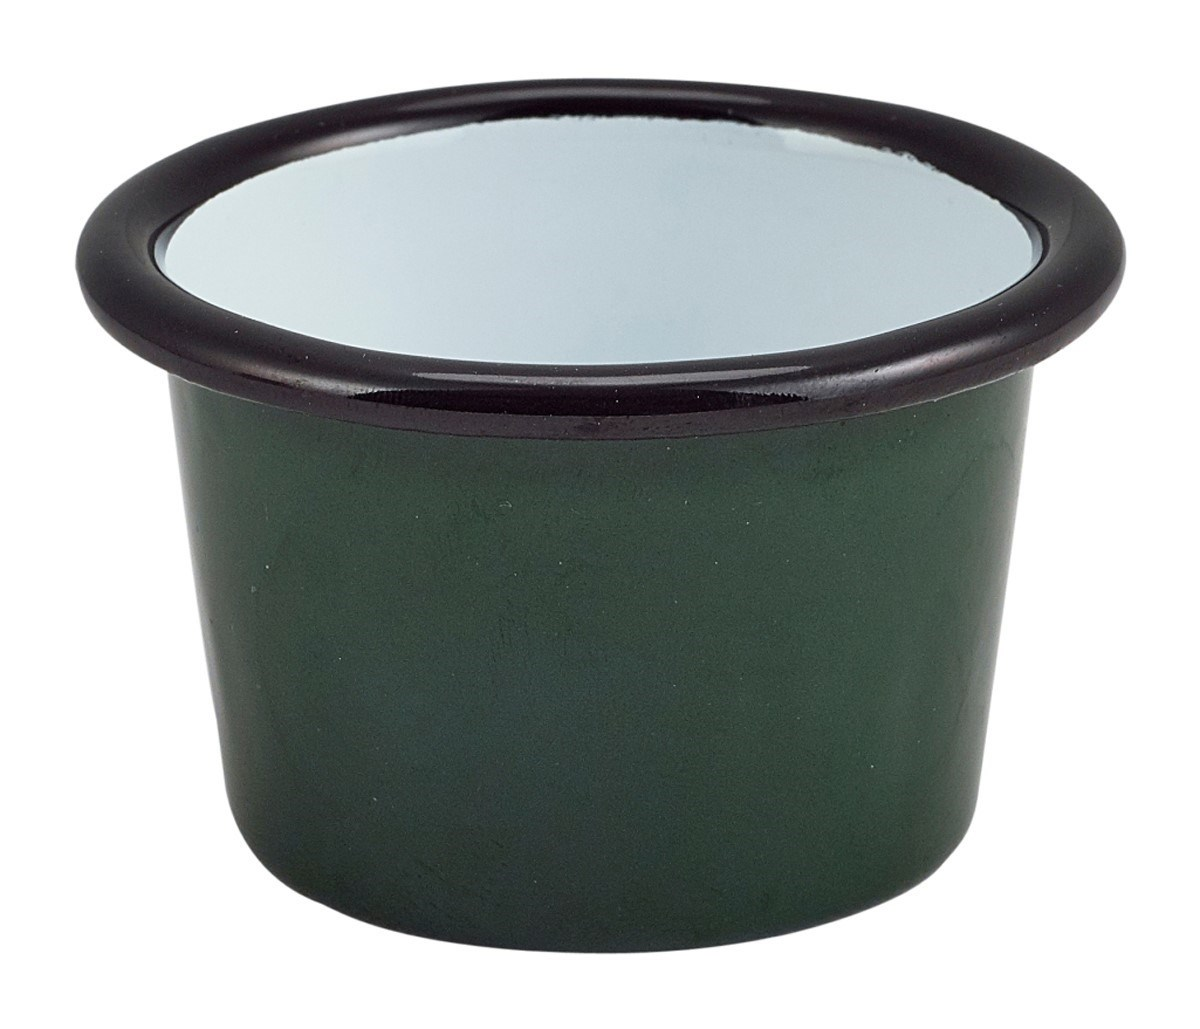 Productafbeelding Emaille ramekin groen met zwarte rand Ø8cm 90ml